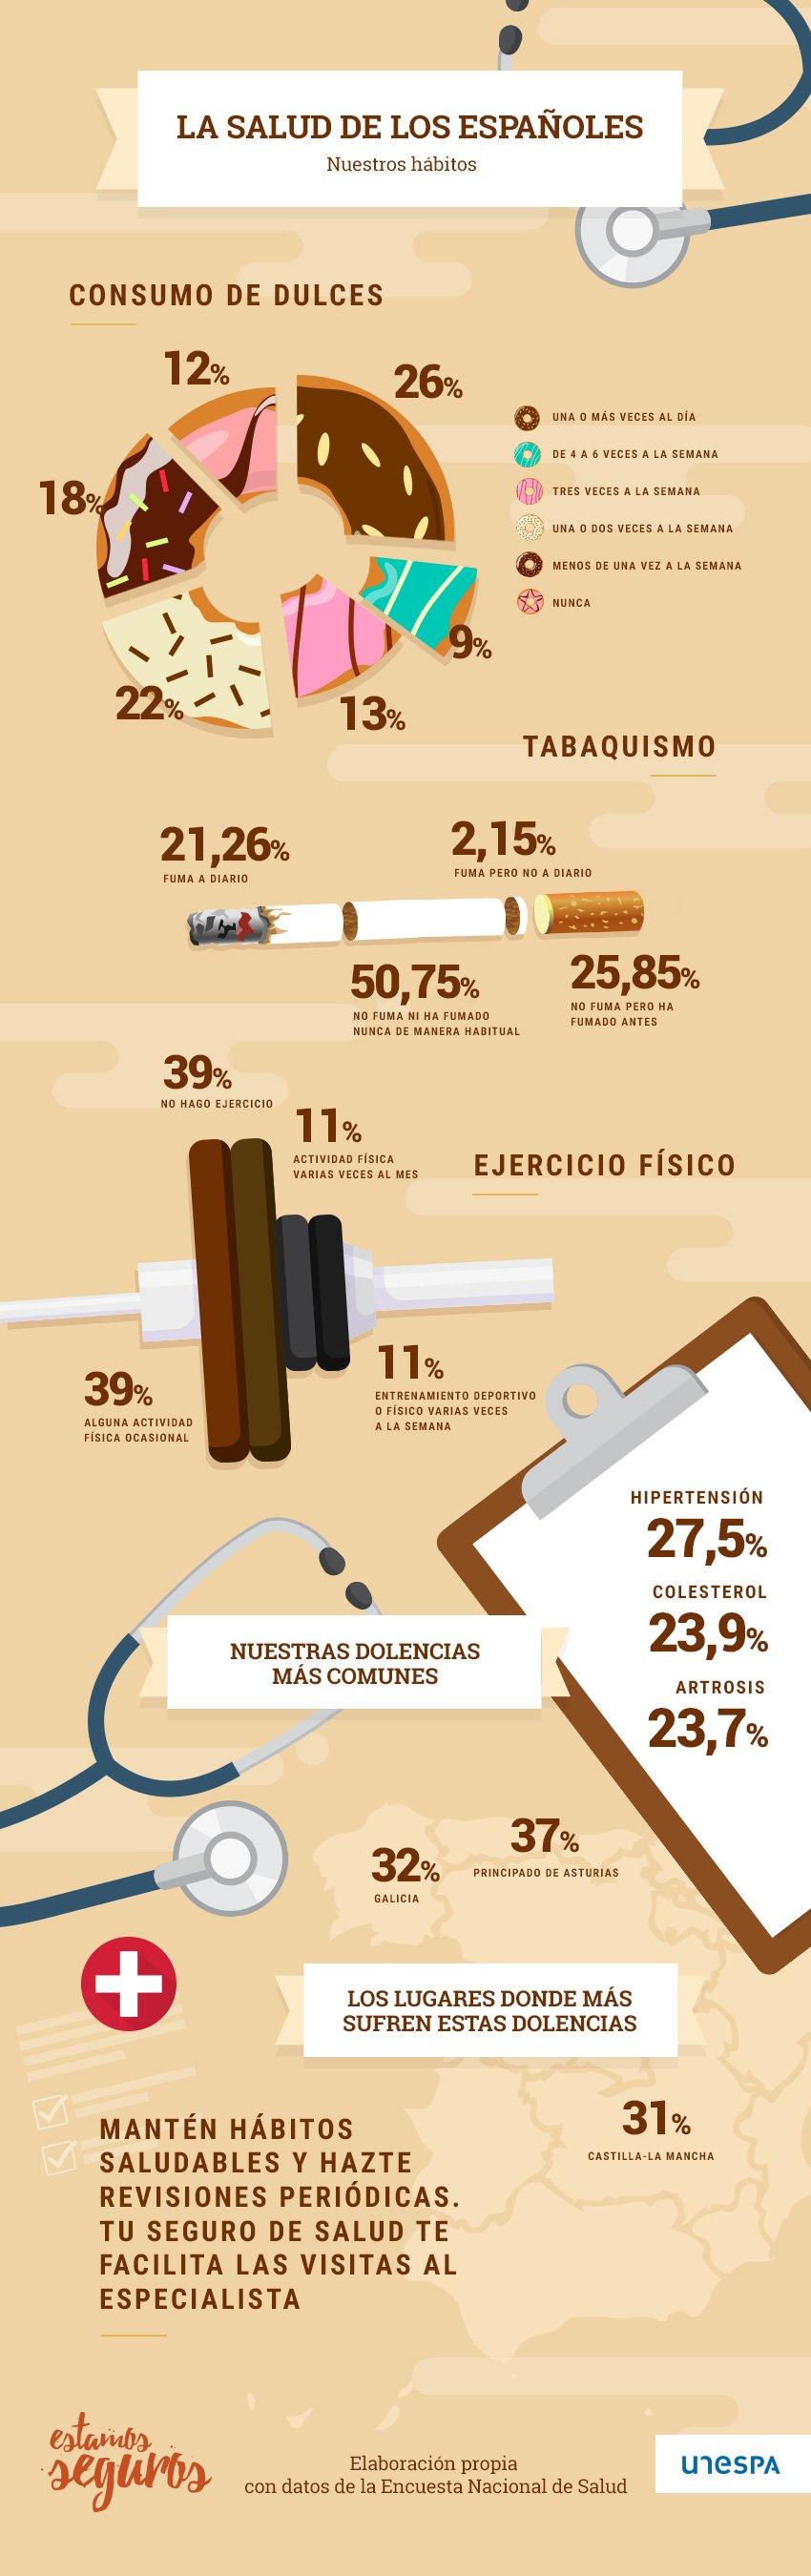 El Seguro Privado de Salud y los españoles